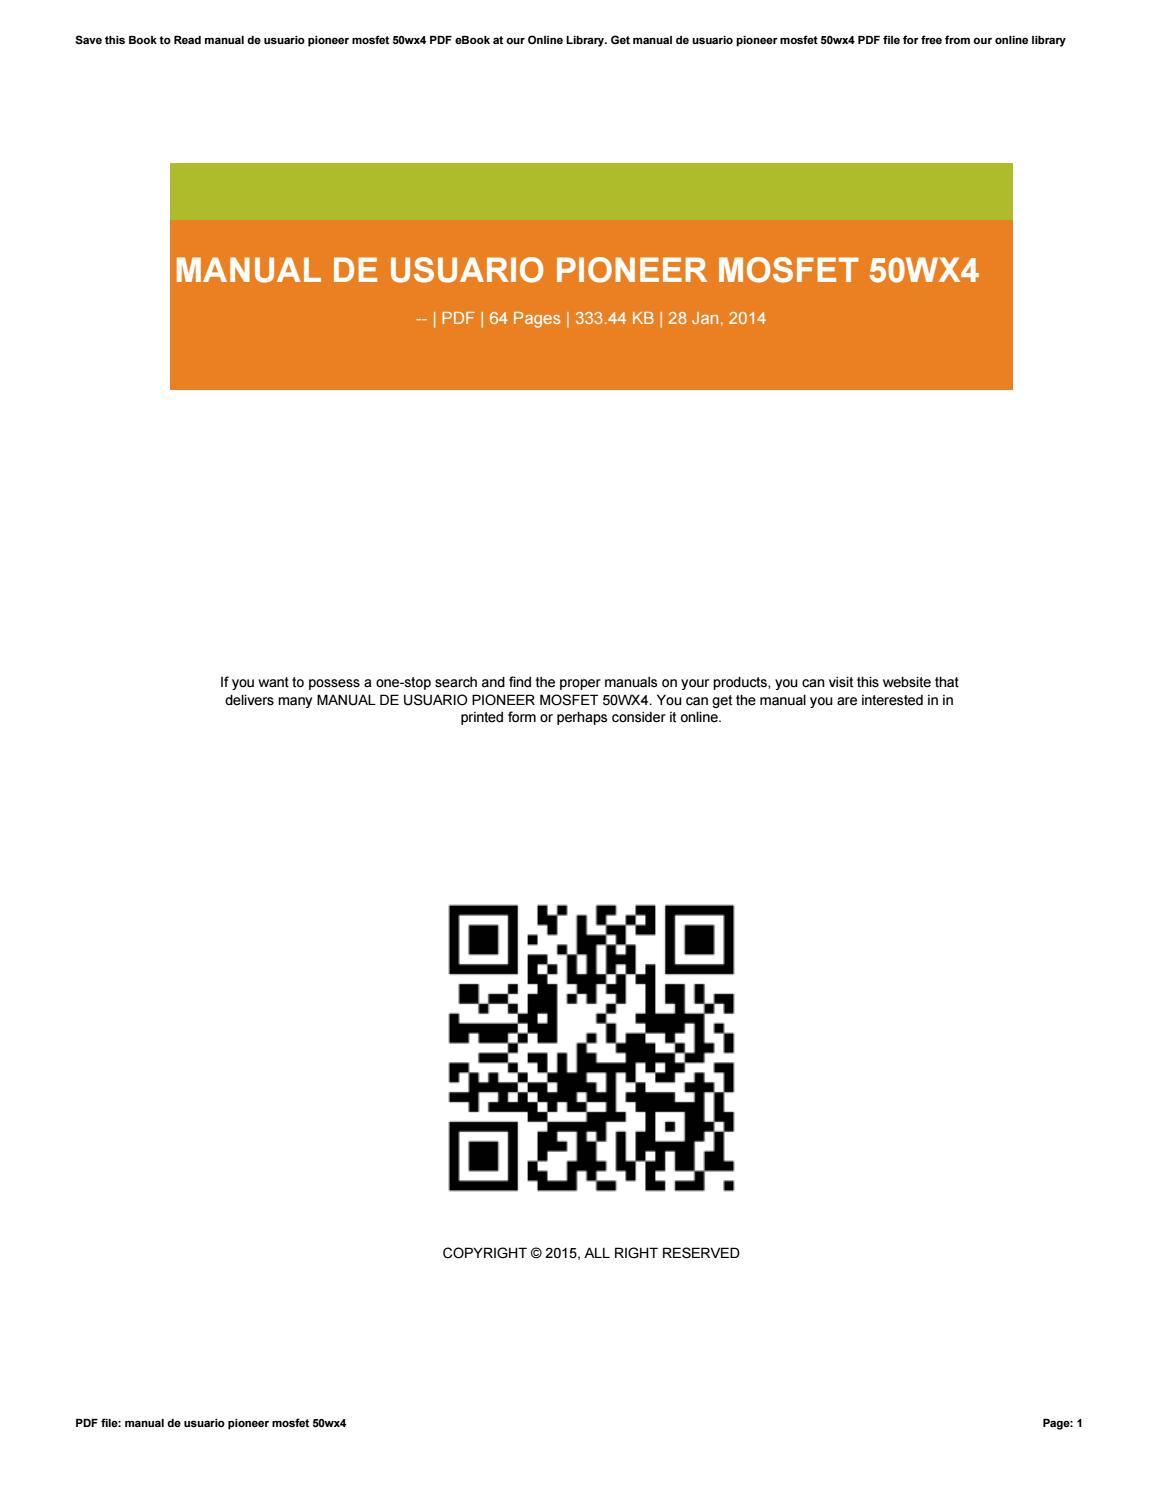 Manual De Usuario Pioneer Mosfet 50wx4 By Carolclark1284